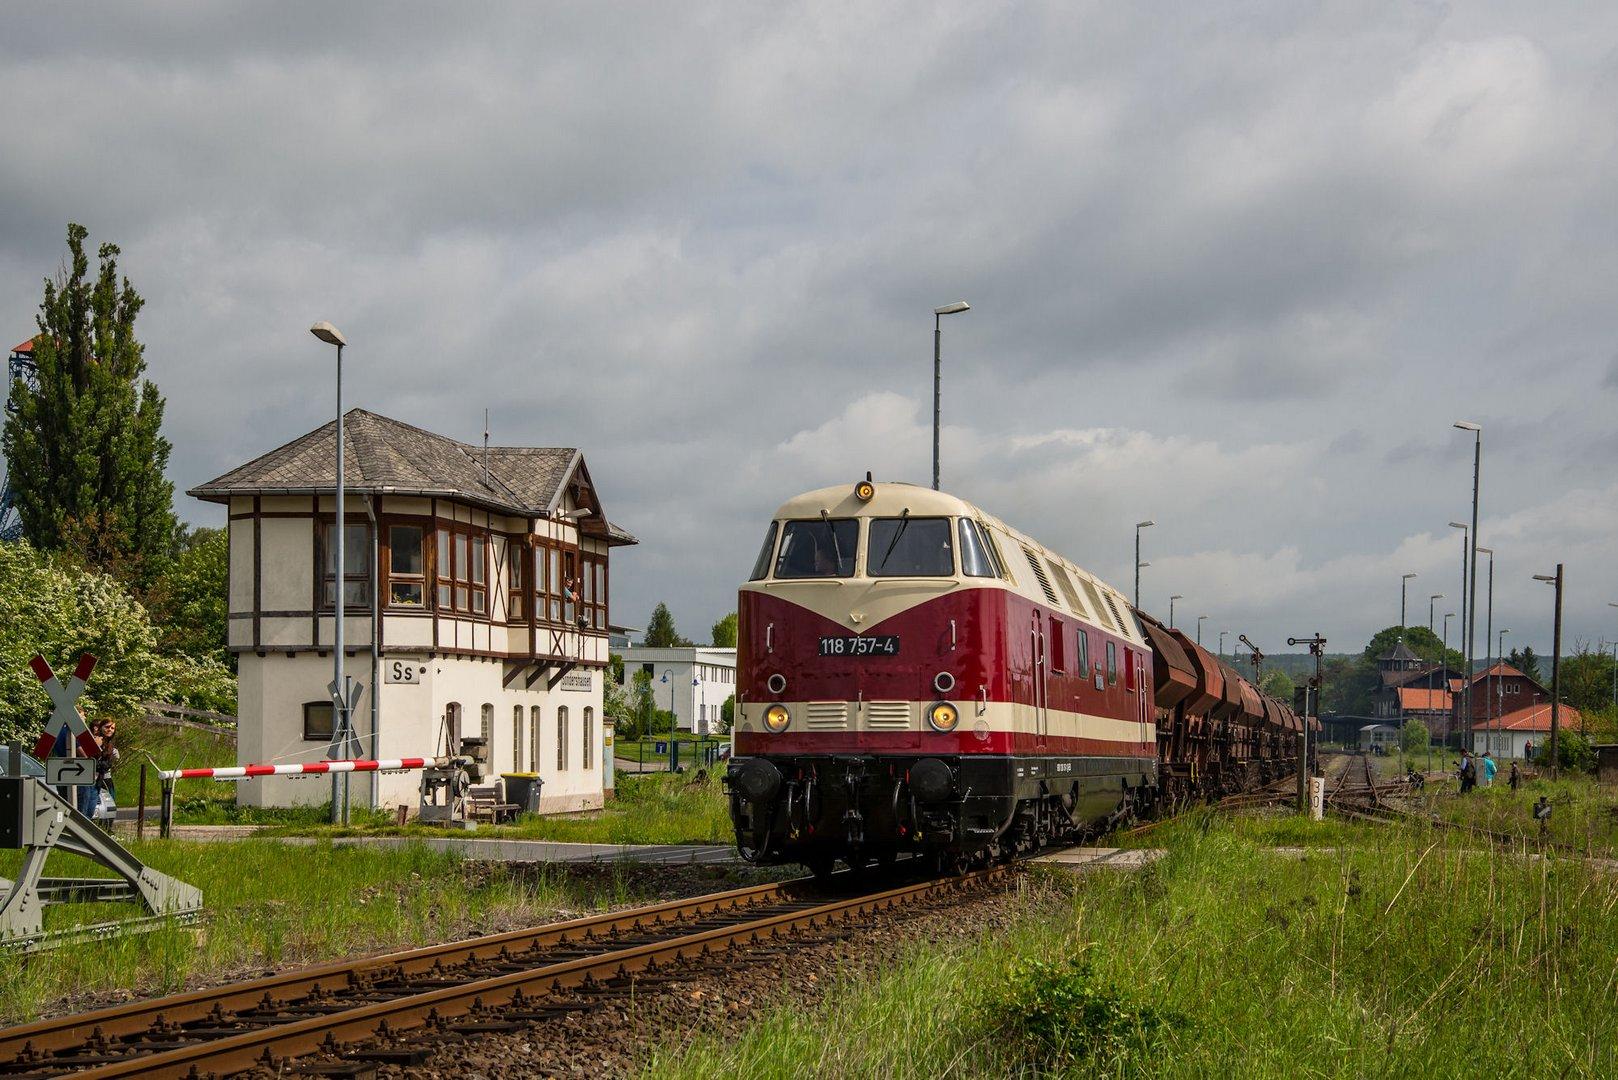 118 757-4 durcheilt Sondershausen.